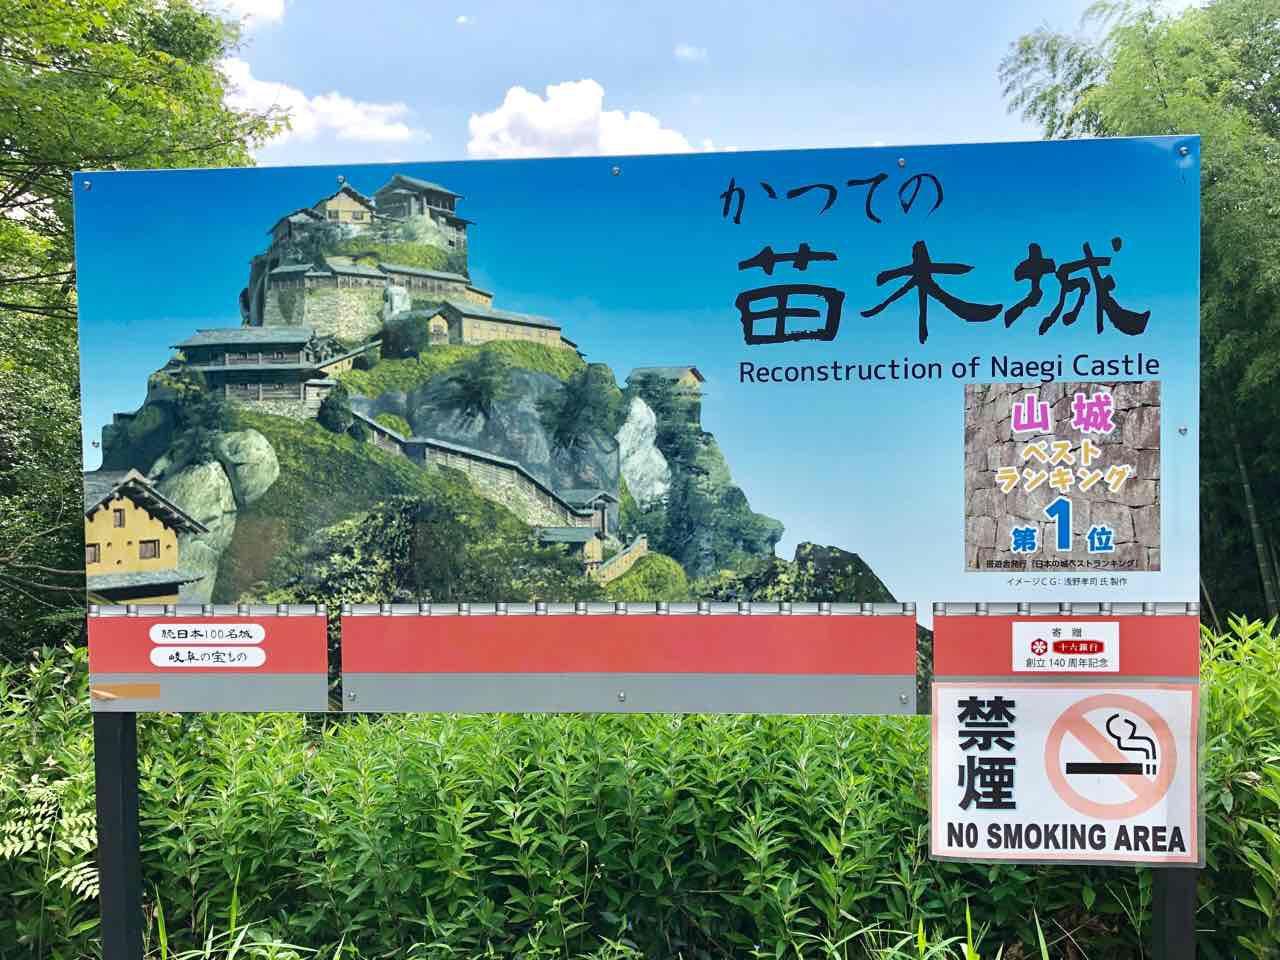 中津川かつての苗木城